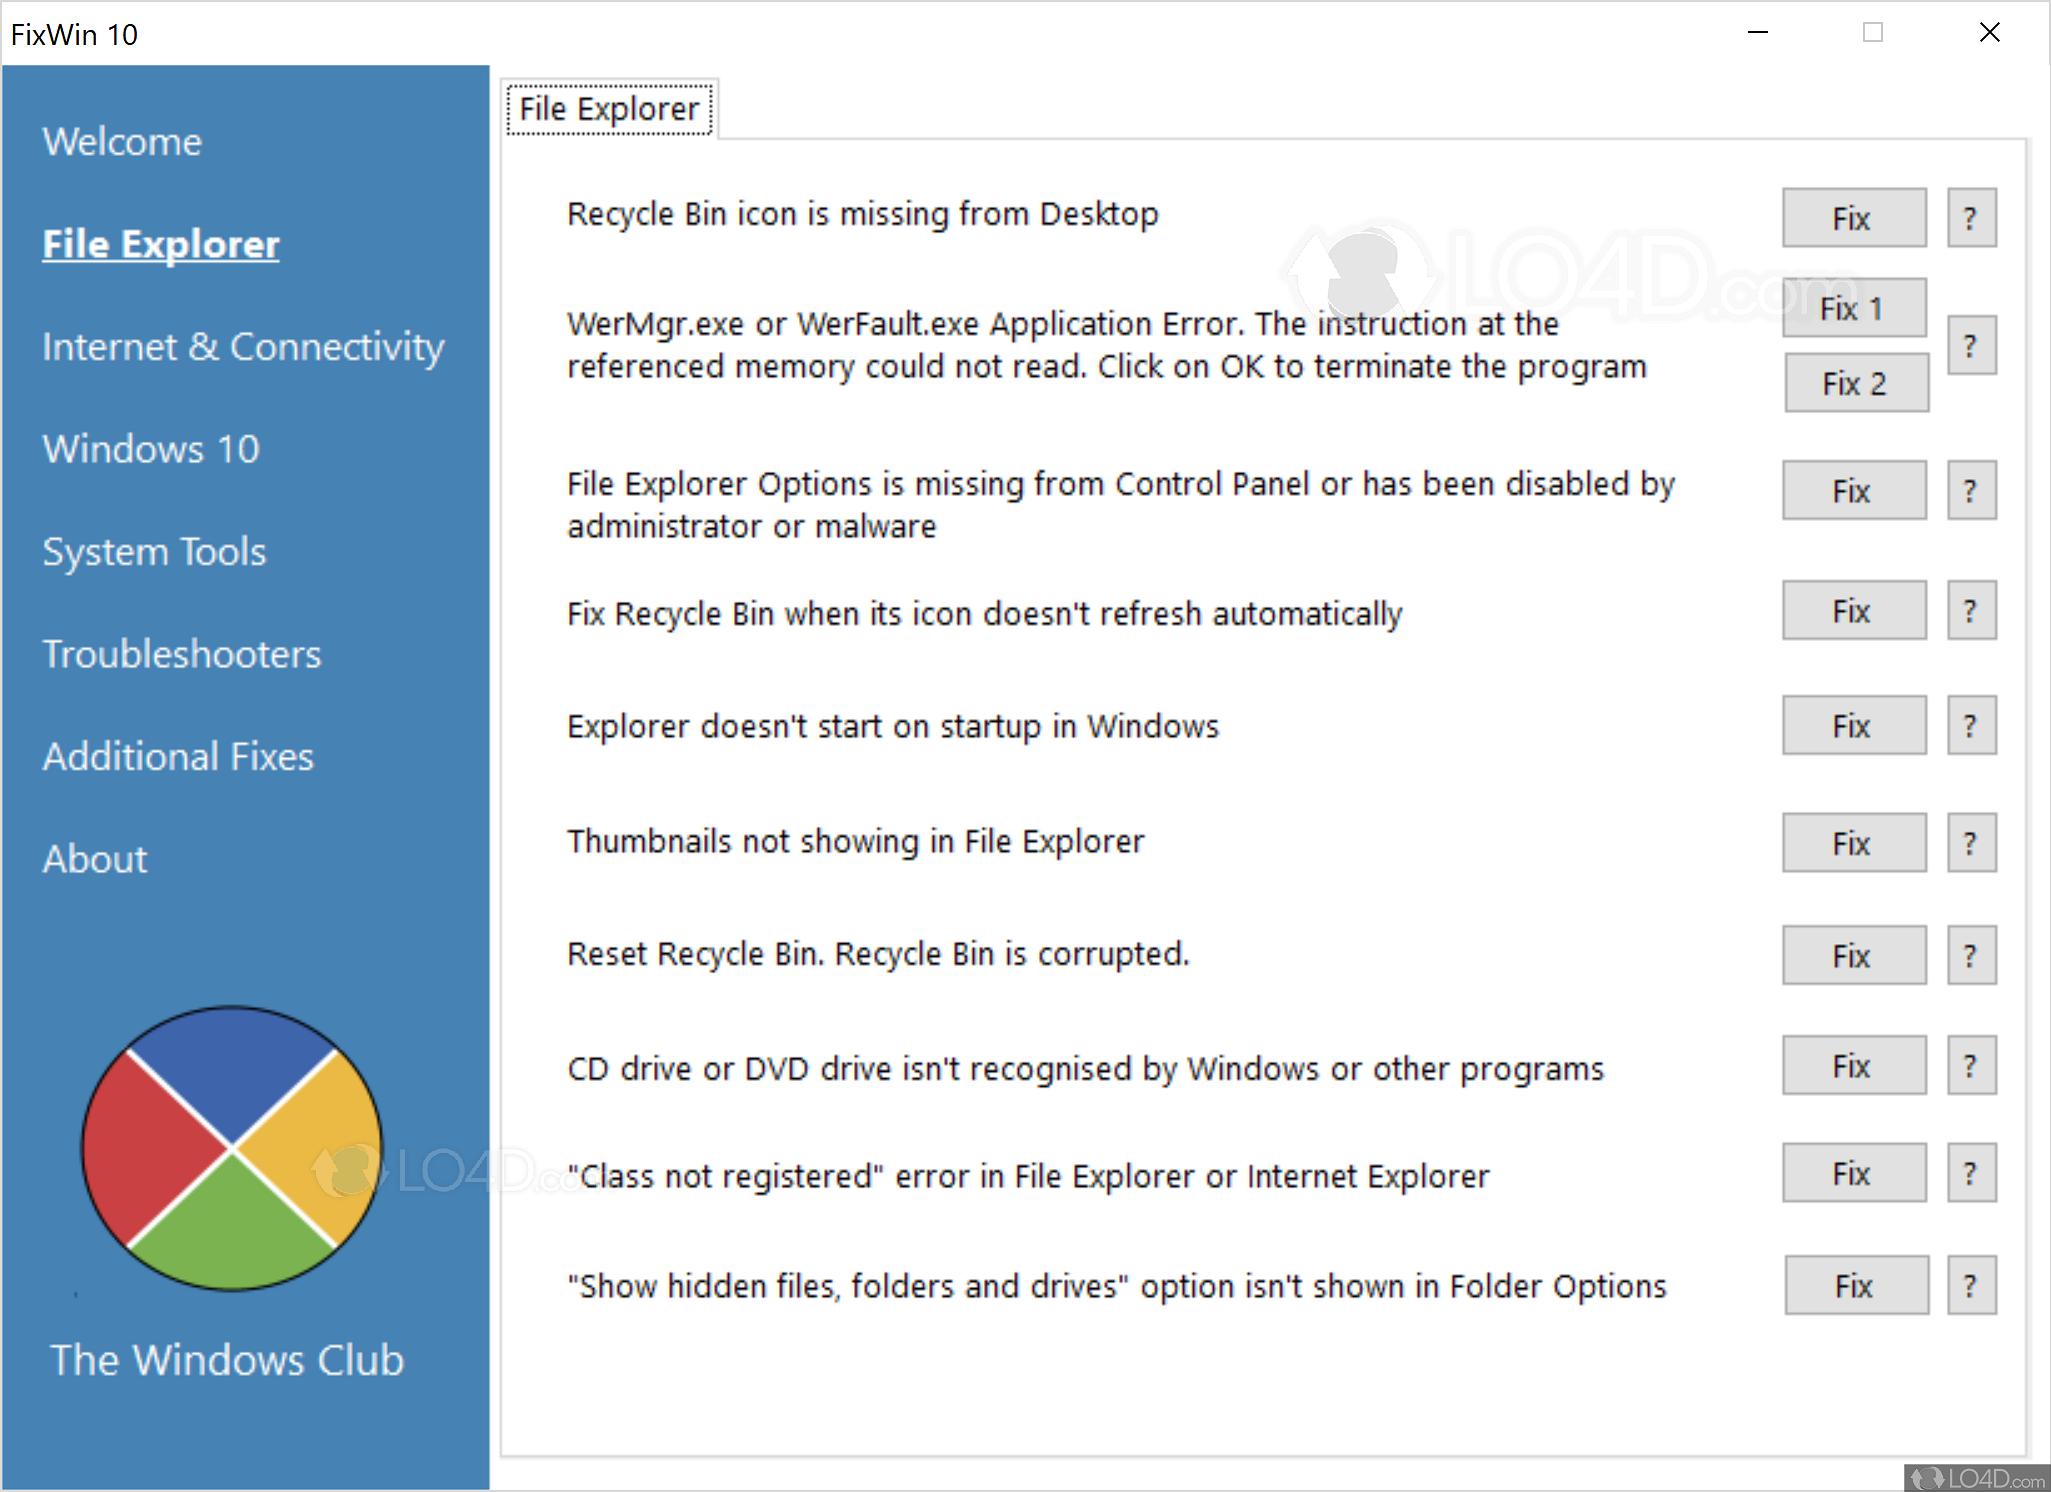 wga remover for windows 7 ultimate 32 bit